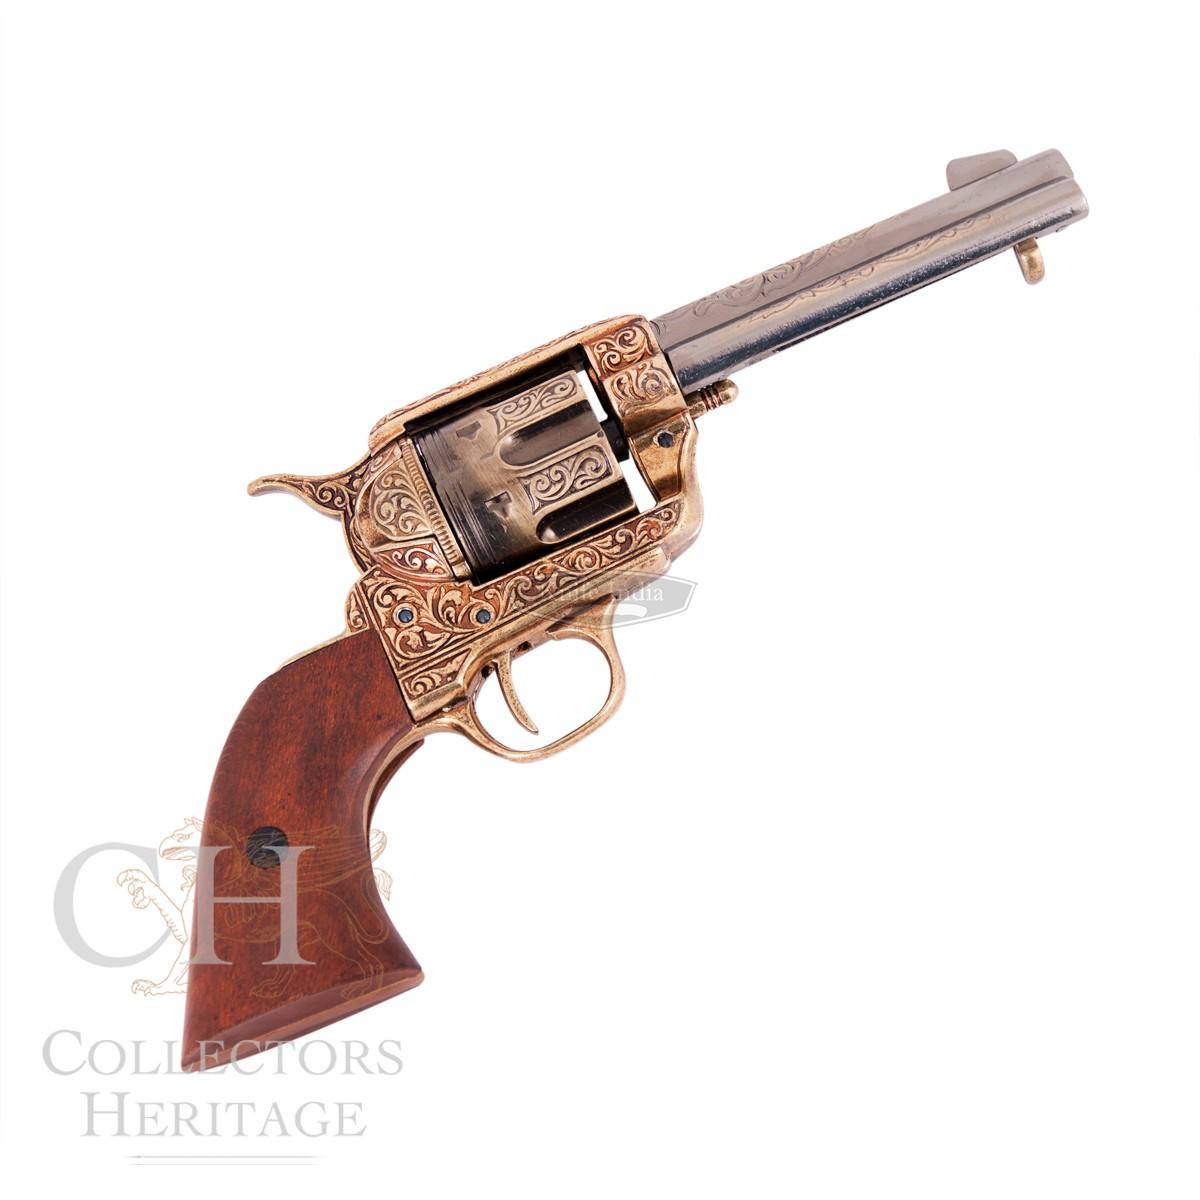 Drawn pistol realistic Non Replica Revolvers 45 Revolver